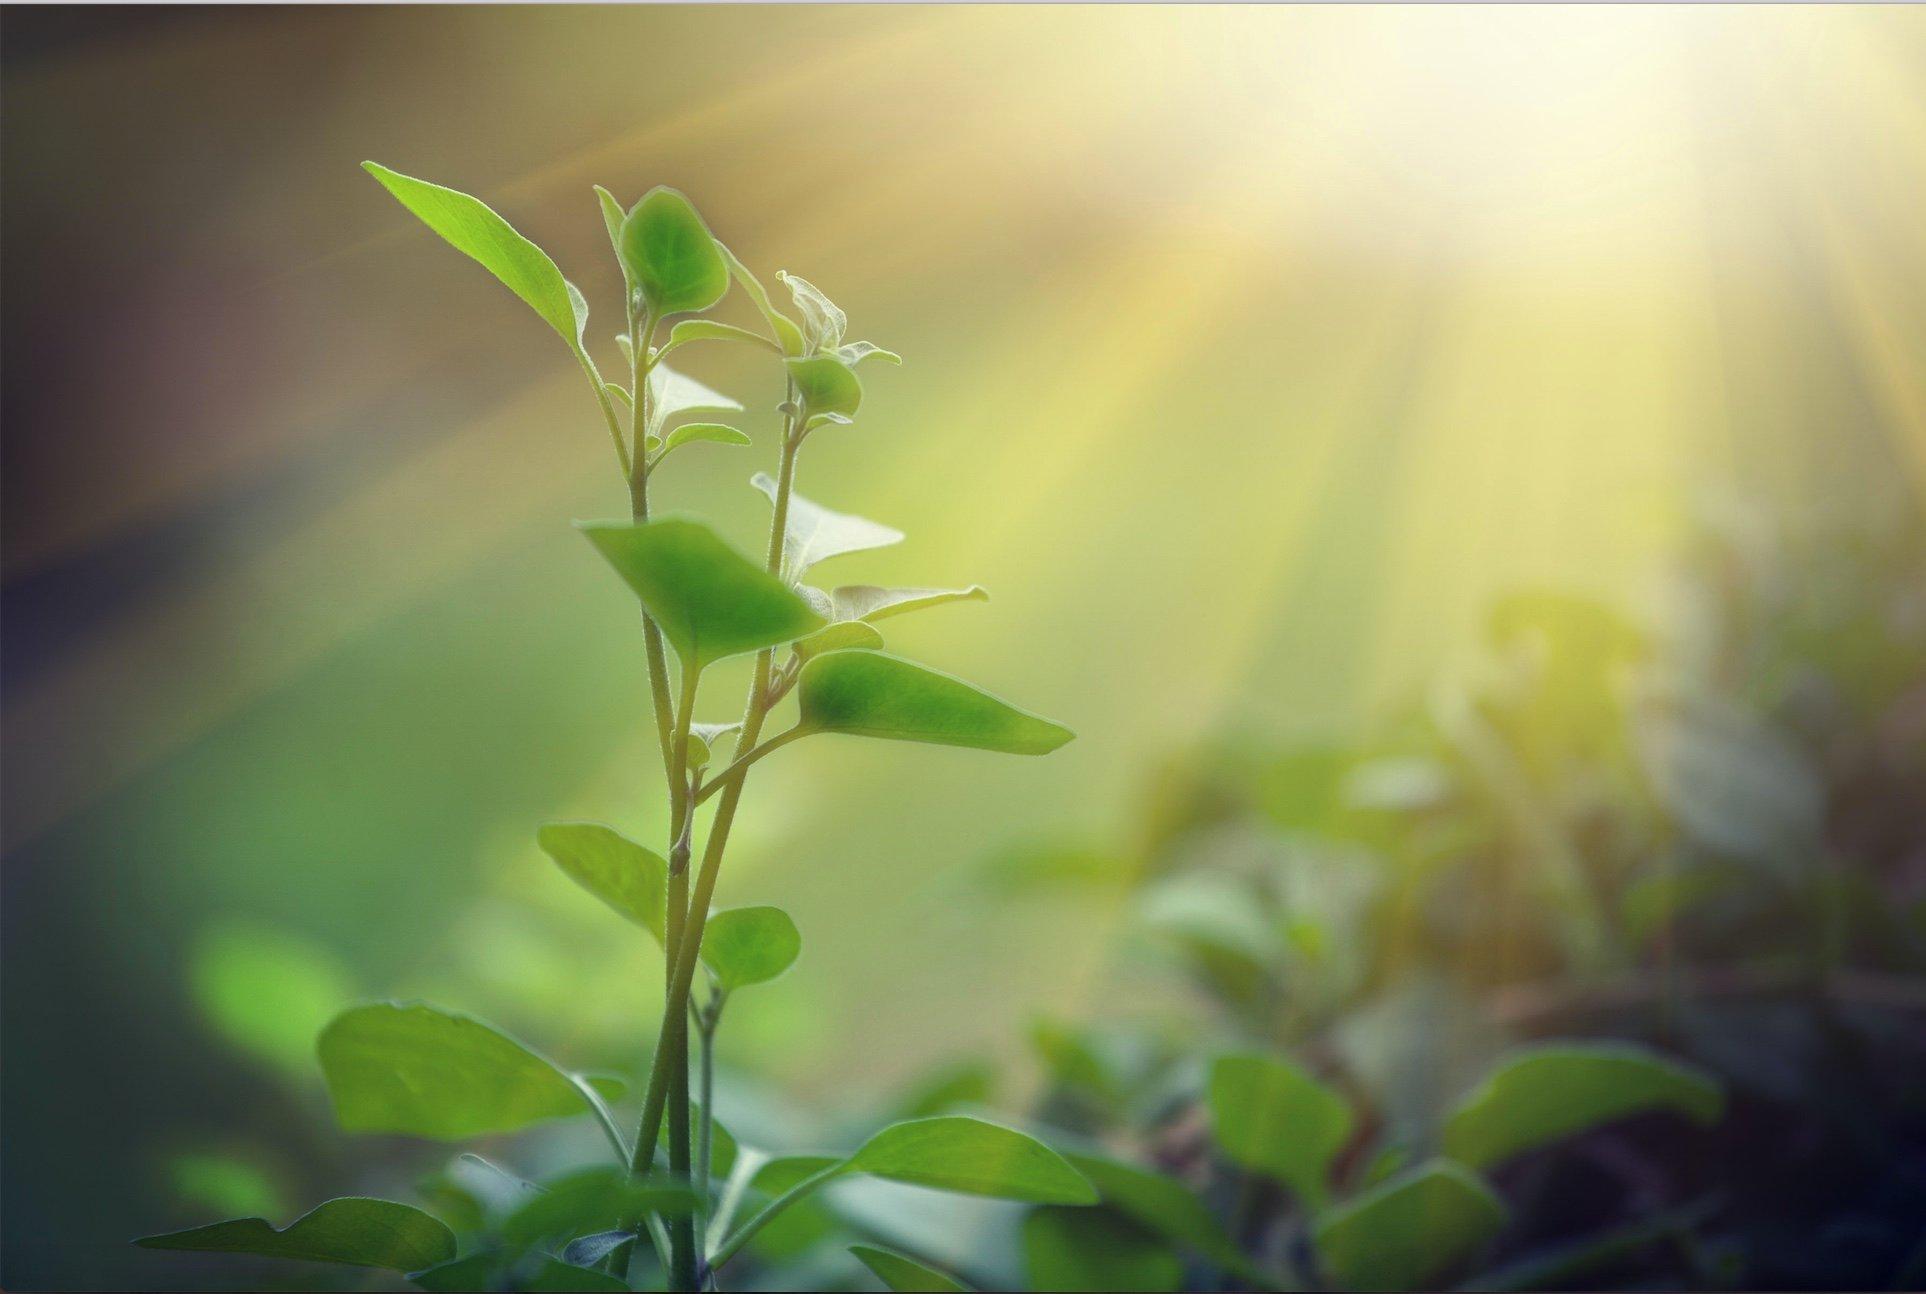 plant in sun